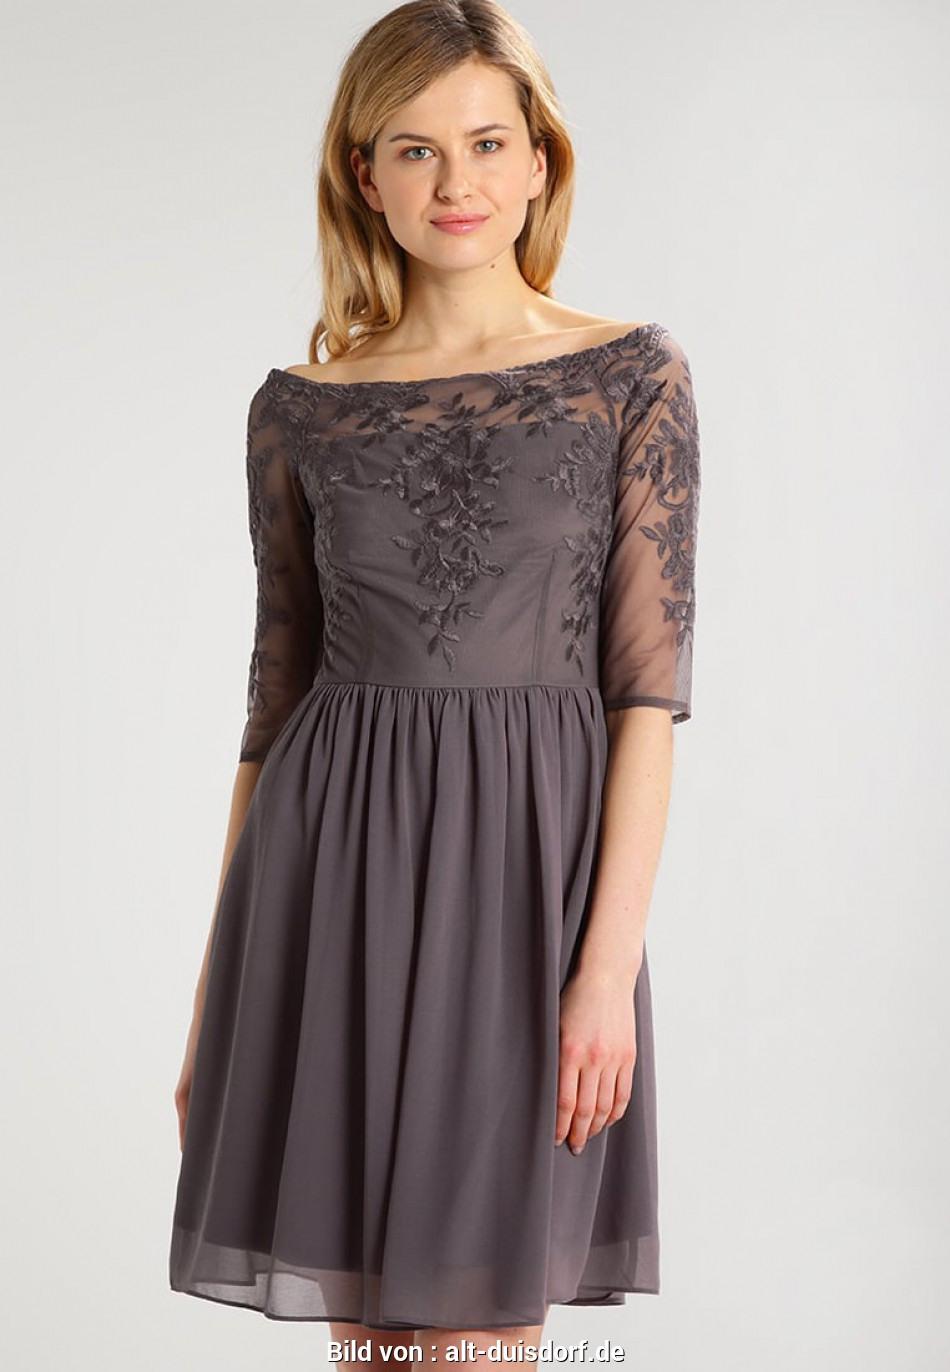 15 Fantastisch Abendkleider Cham Design13 Wunderbar Abendkleider Cham Vertrieb